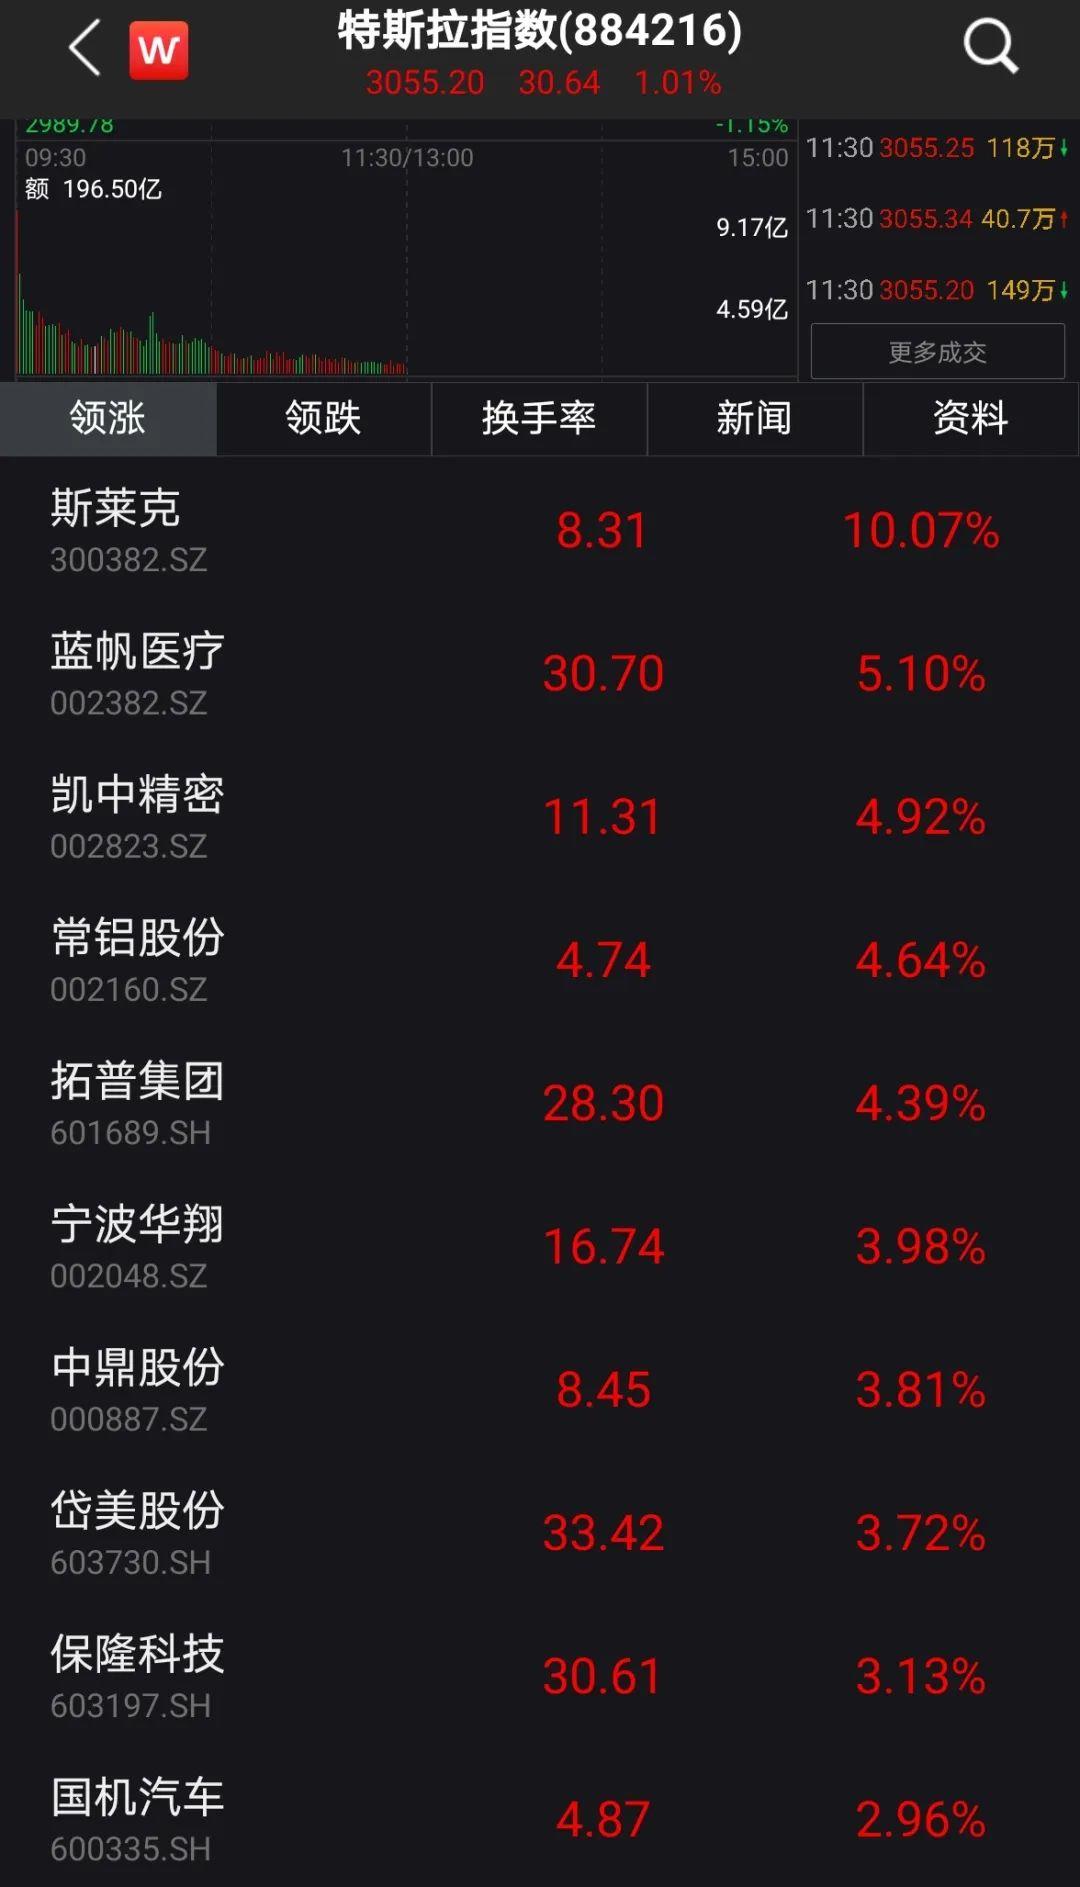 特斯拉再次飙升:A股概念股难以击败,第二季度交付量超出预期 特斯拉